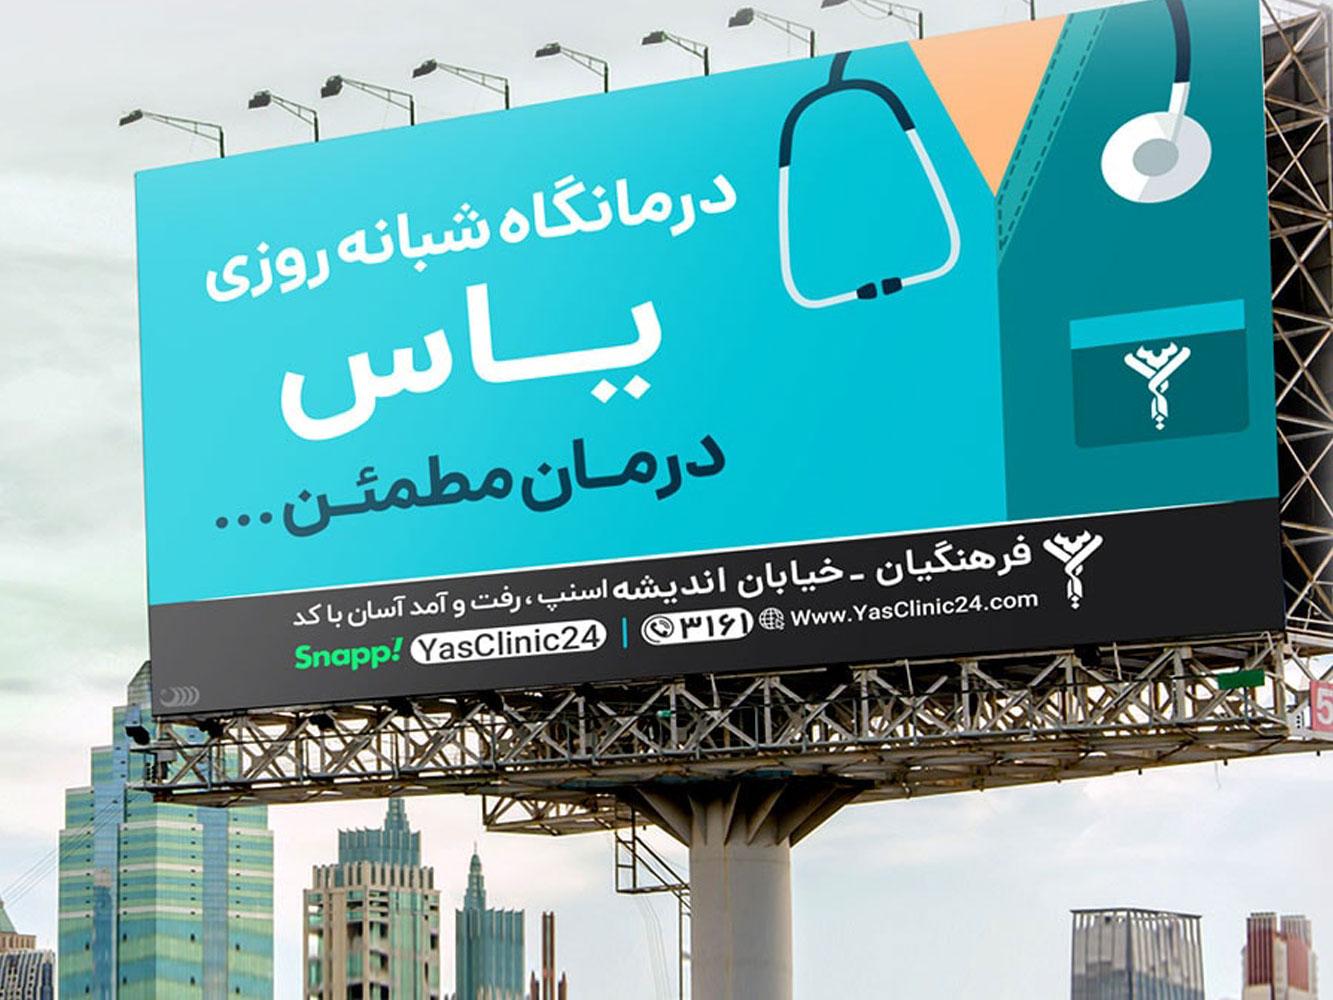 بیلبورد تبلیغاتی درمانگاه یاس